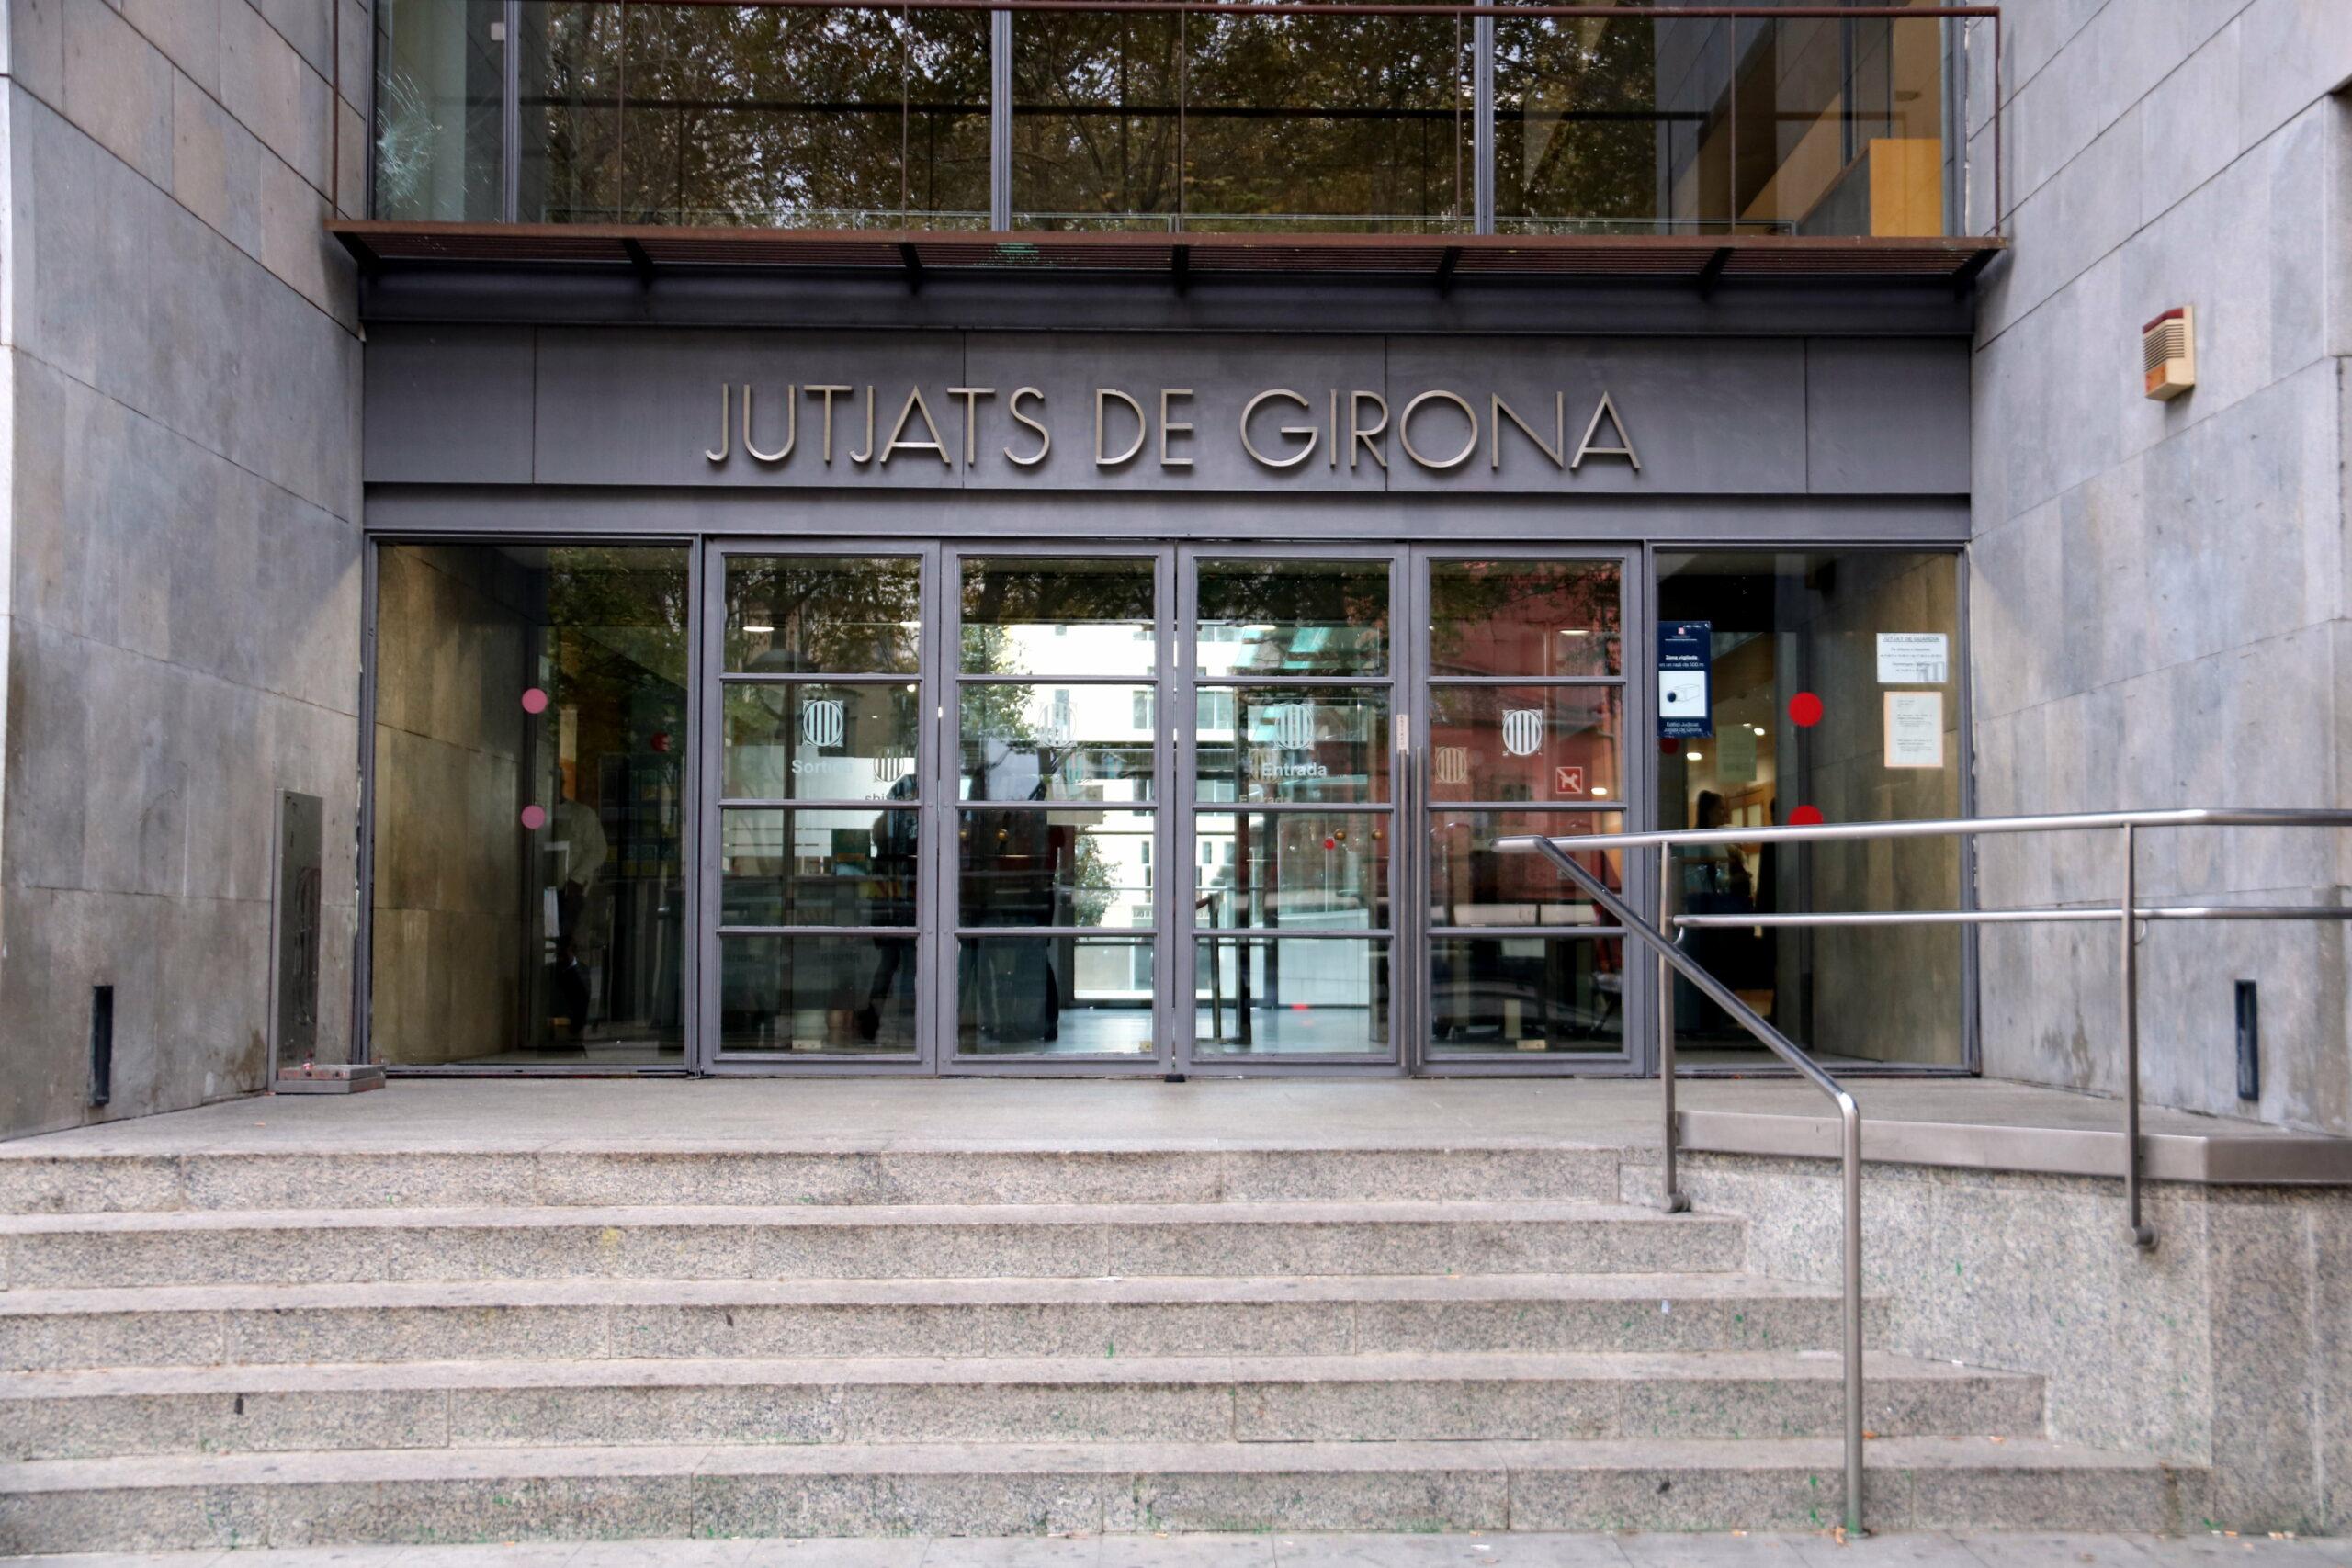 La façana dels jutjats de Girona, on s'ha jutjat el cas / ACN